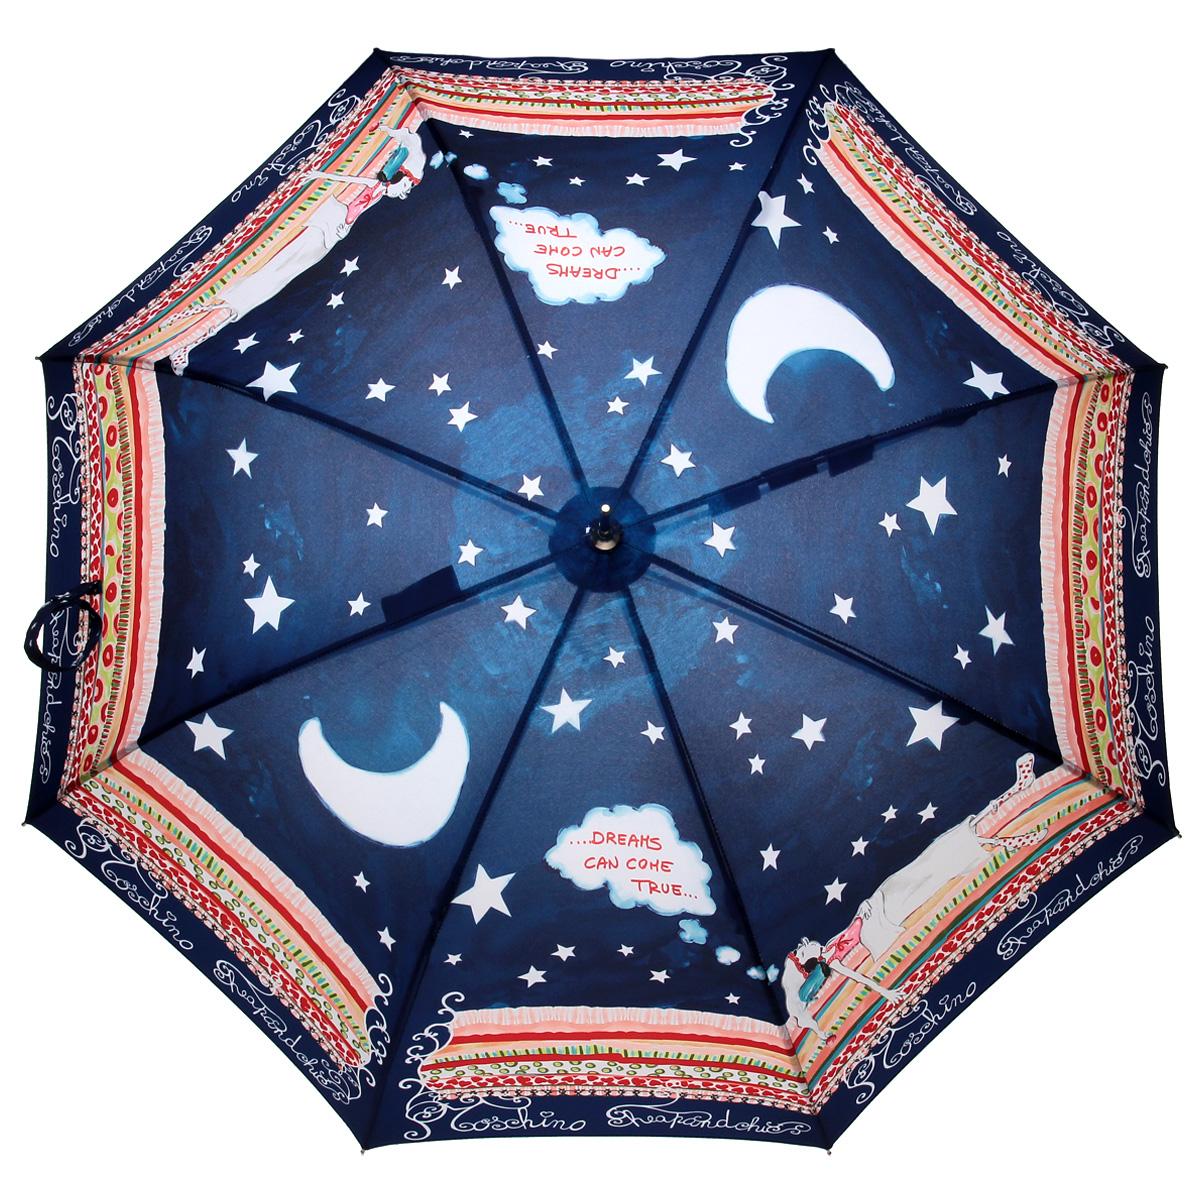 Зонт-трость Moschino, полуавтомат, темно-синий269-61/FЭлегантный полуавтоматический зонт-трость Moschino даже в ненастную погоду позволит вам подчеркнуть свою индивидуальность. Каркас зонта из стали состоит из восьми карбоновых спиц, а рукоятка закругленной формы разработана с учетом требований эргономики и выполнена из легкого алюминия. Зонт снабжен удобными лямками для переноски. Зонт имеет полуавтоматический механизм сложения: купол открывается нажатием кнопки на рукоятке, а закрывается вручную до характерного щелчка. Купол зонта выполнен из прочного полиэстера и оформлен оригинальным изображением. Закрытый купол фиксируется хлястиком на кнопке. К зонту прилагается чехол для хранения и более удобной переноски. Такой зонт не только надежно защитит вас от дождя, но и станет стильным аксессуаром.